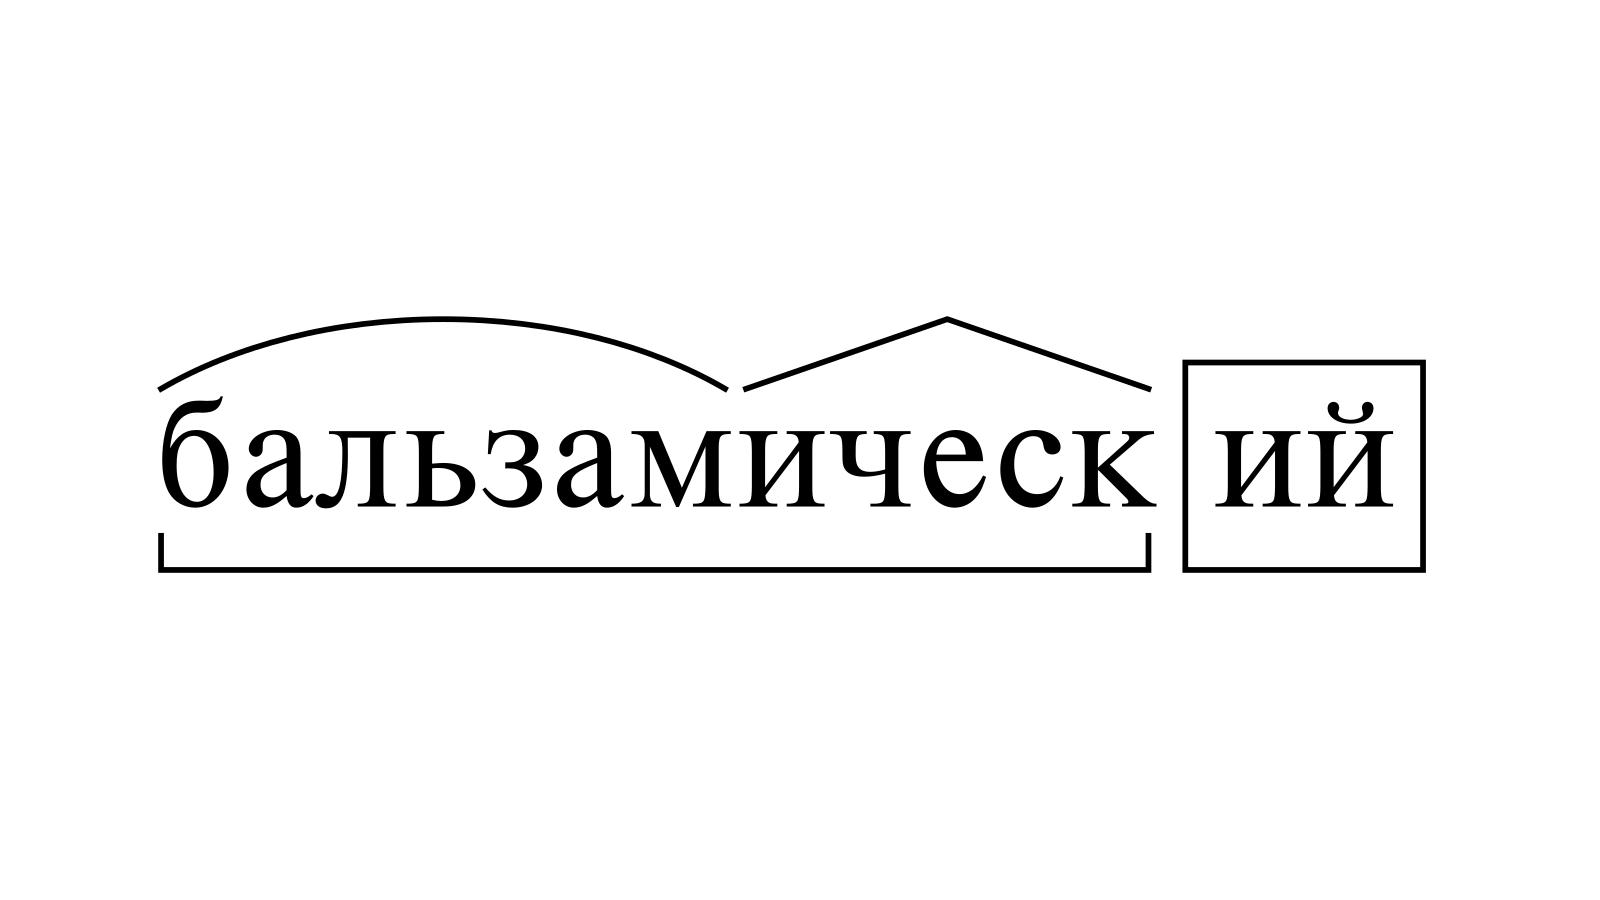 Разбор слова «бальзамический» по составу